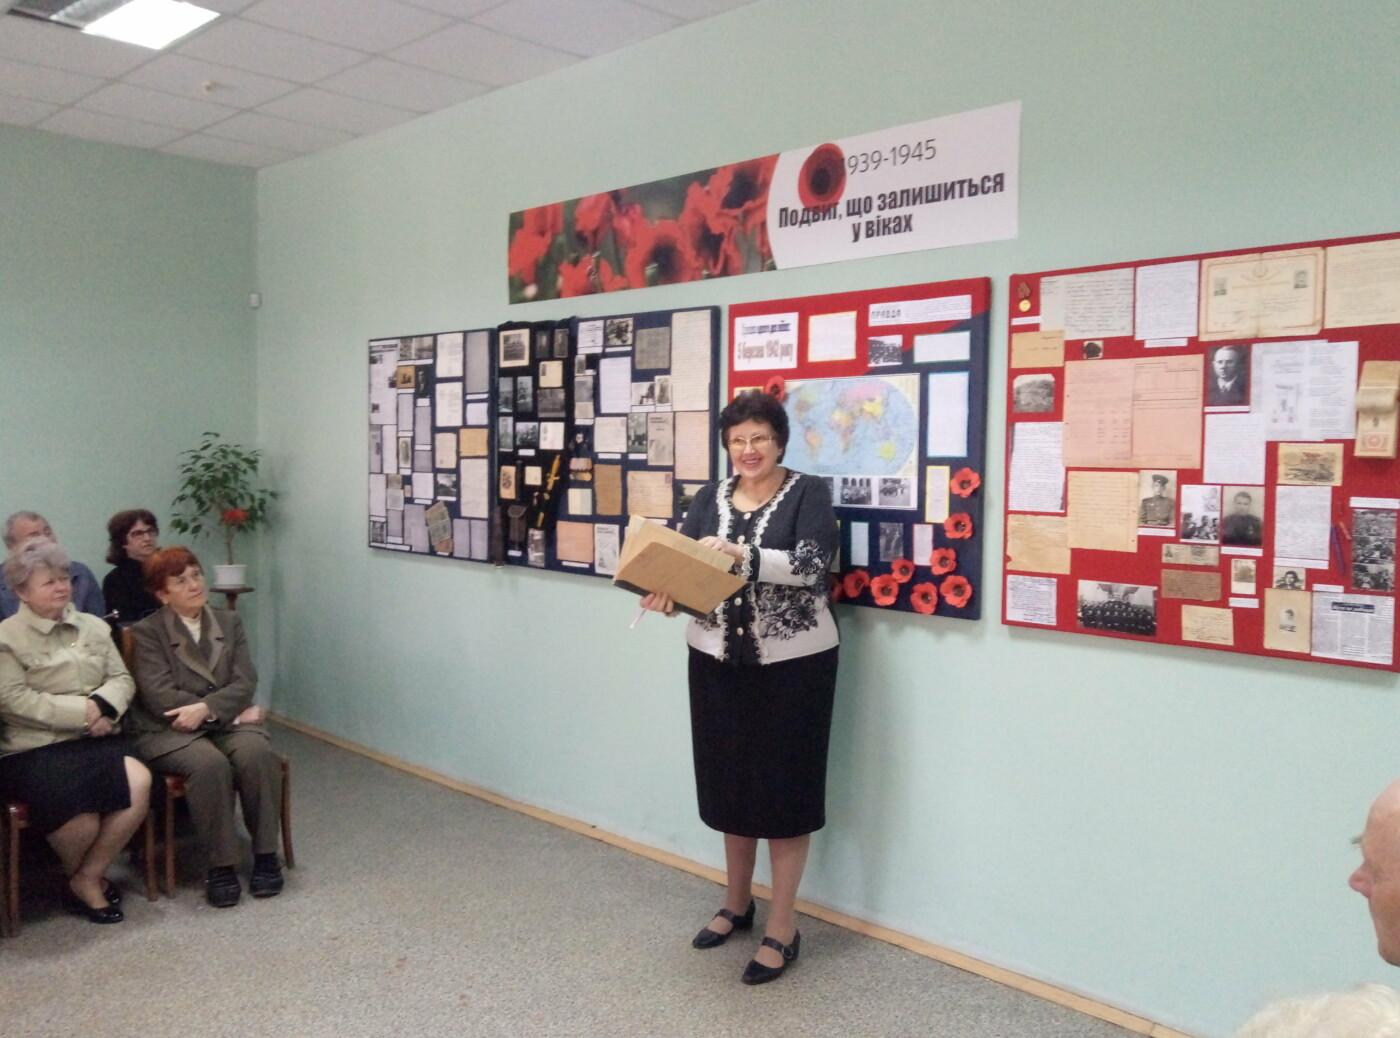 Ветераны Каменского торжественно открыли выставку ко Дню Победы, фото-1